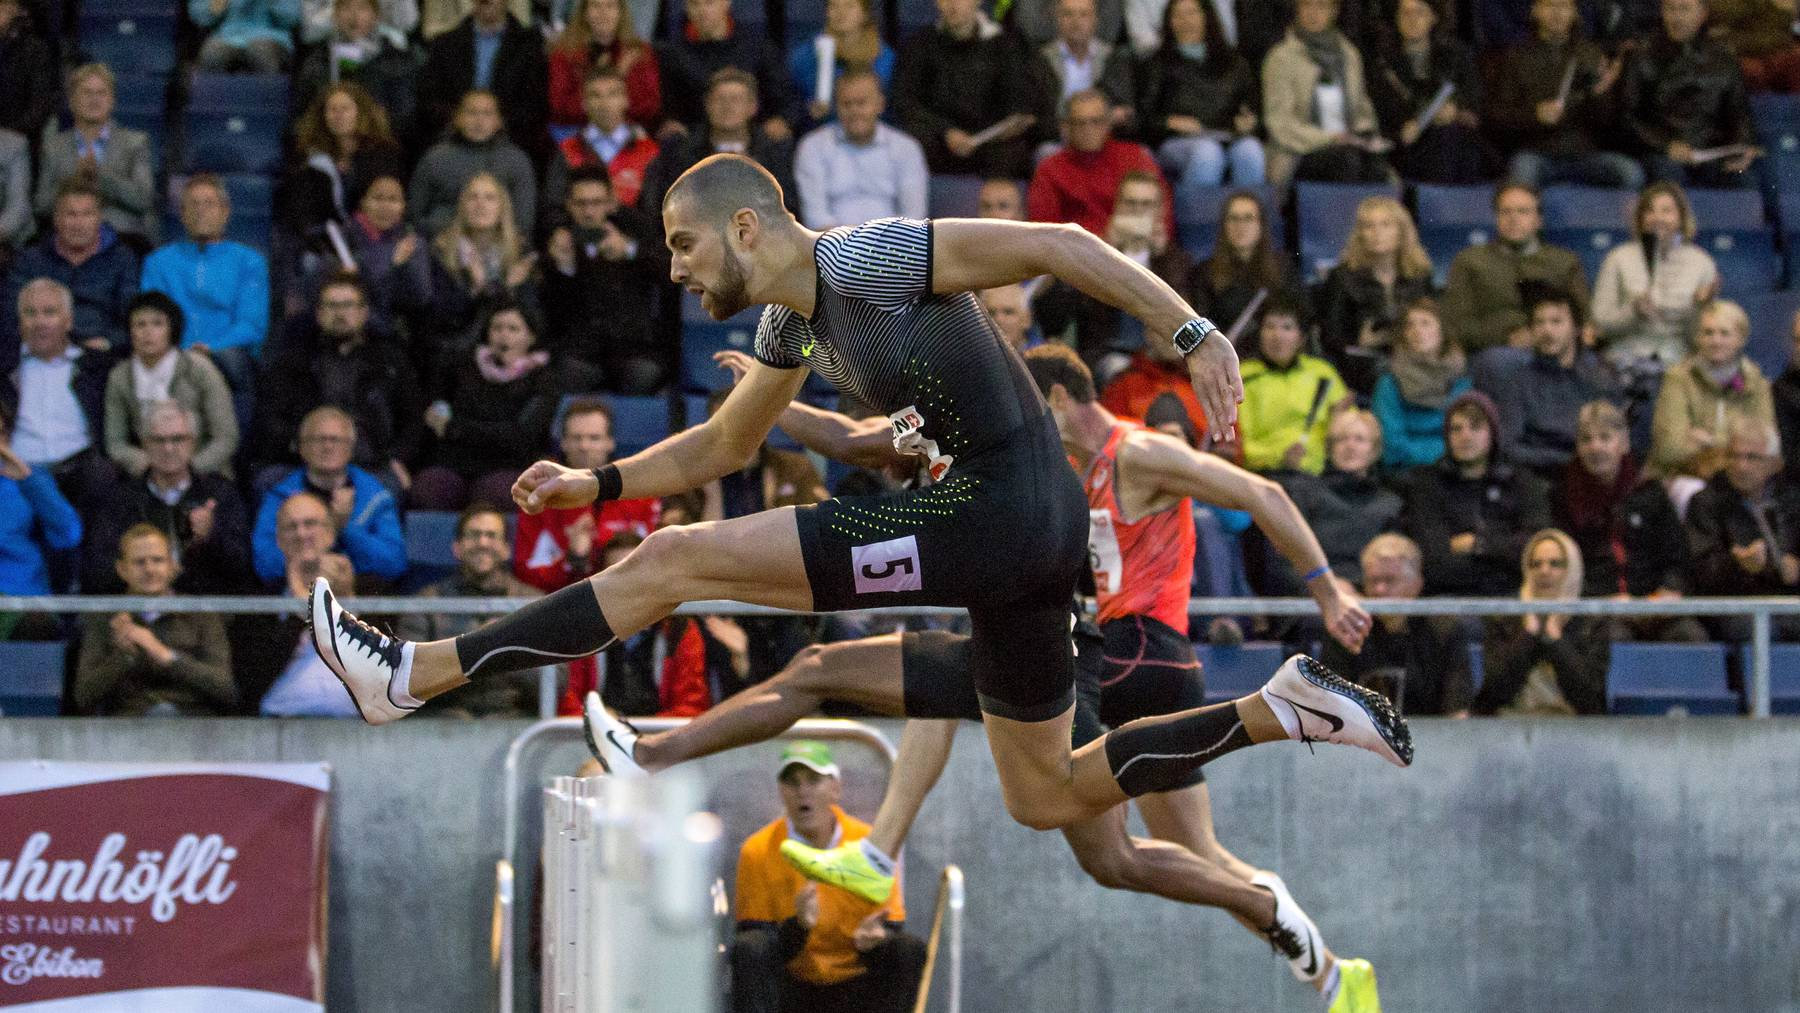 Hürdenläufer Kariem Hussein